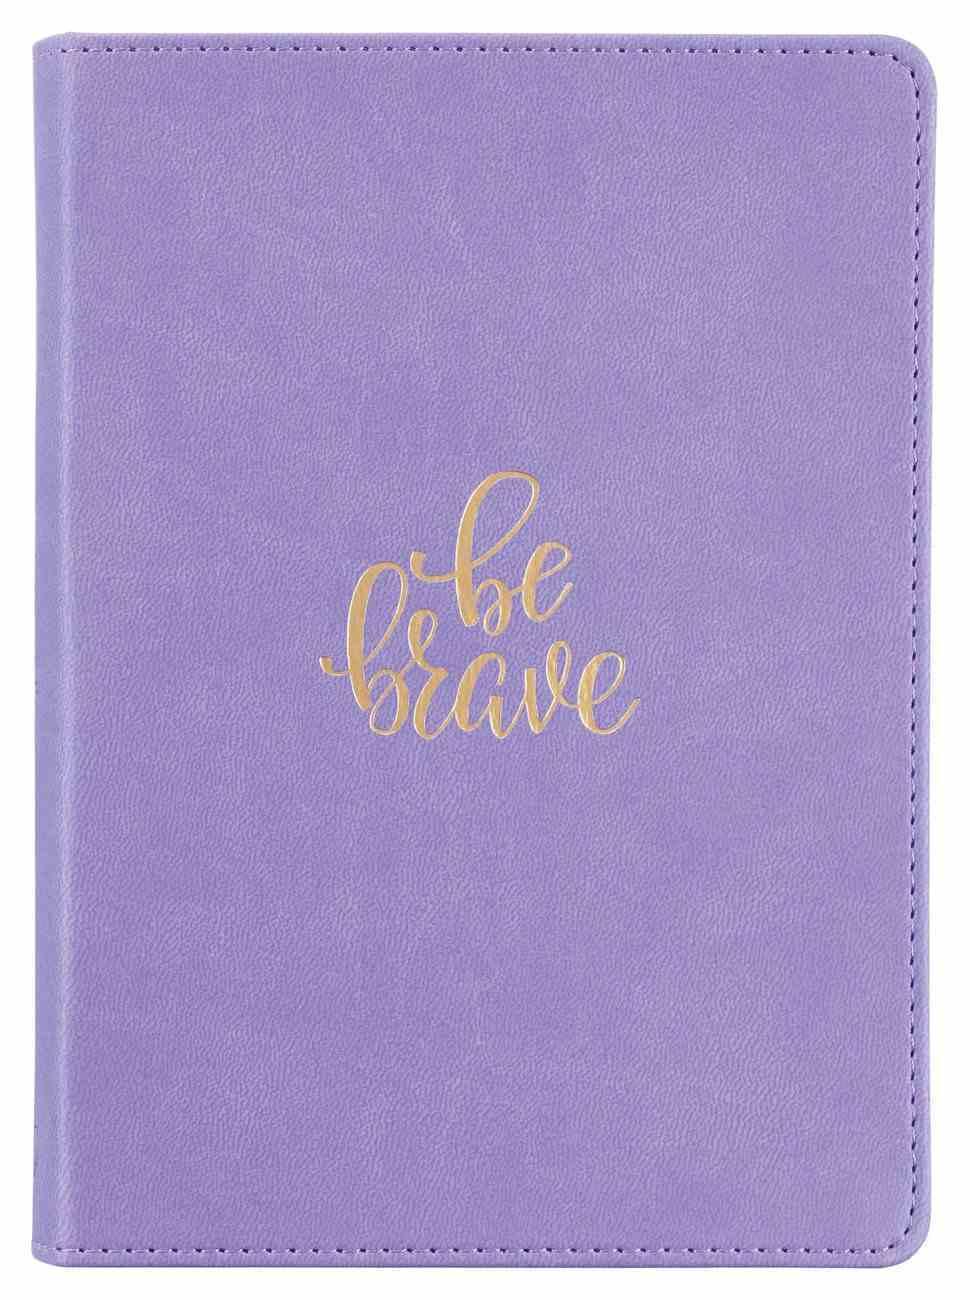 Journal: Be Brave, Lavender, Gold Foil, 240 Gilt-Edged Pages, Ribbon Marker (Be Brave Grateful Joyful Series) Imitation Leather